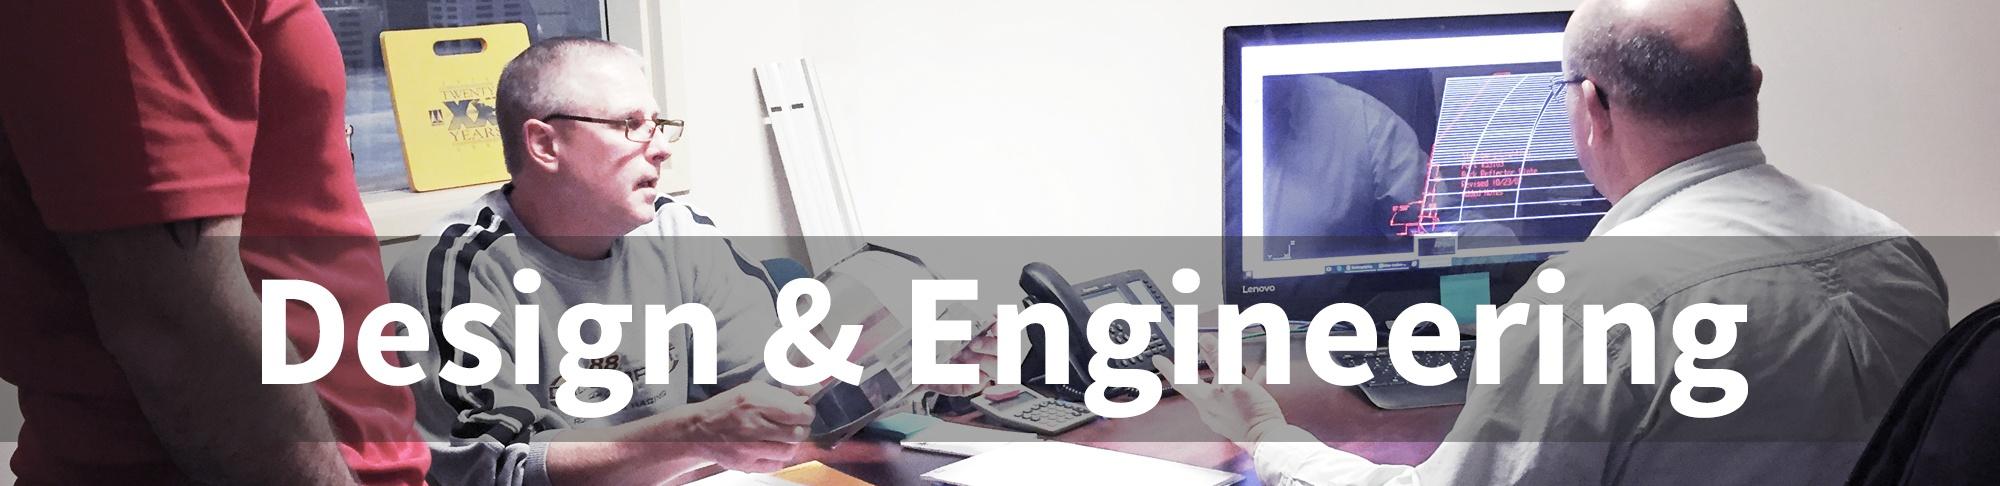 design&engineering.jpg